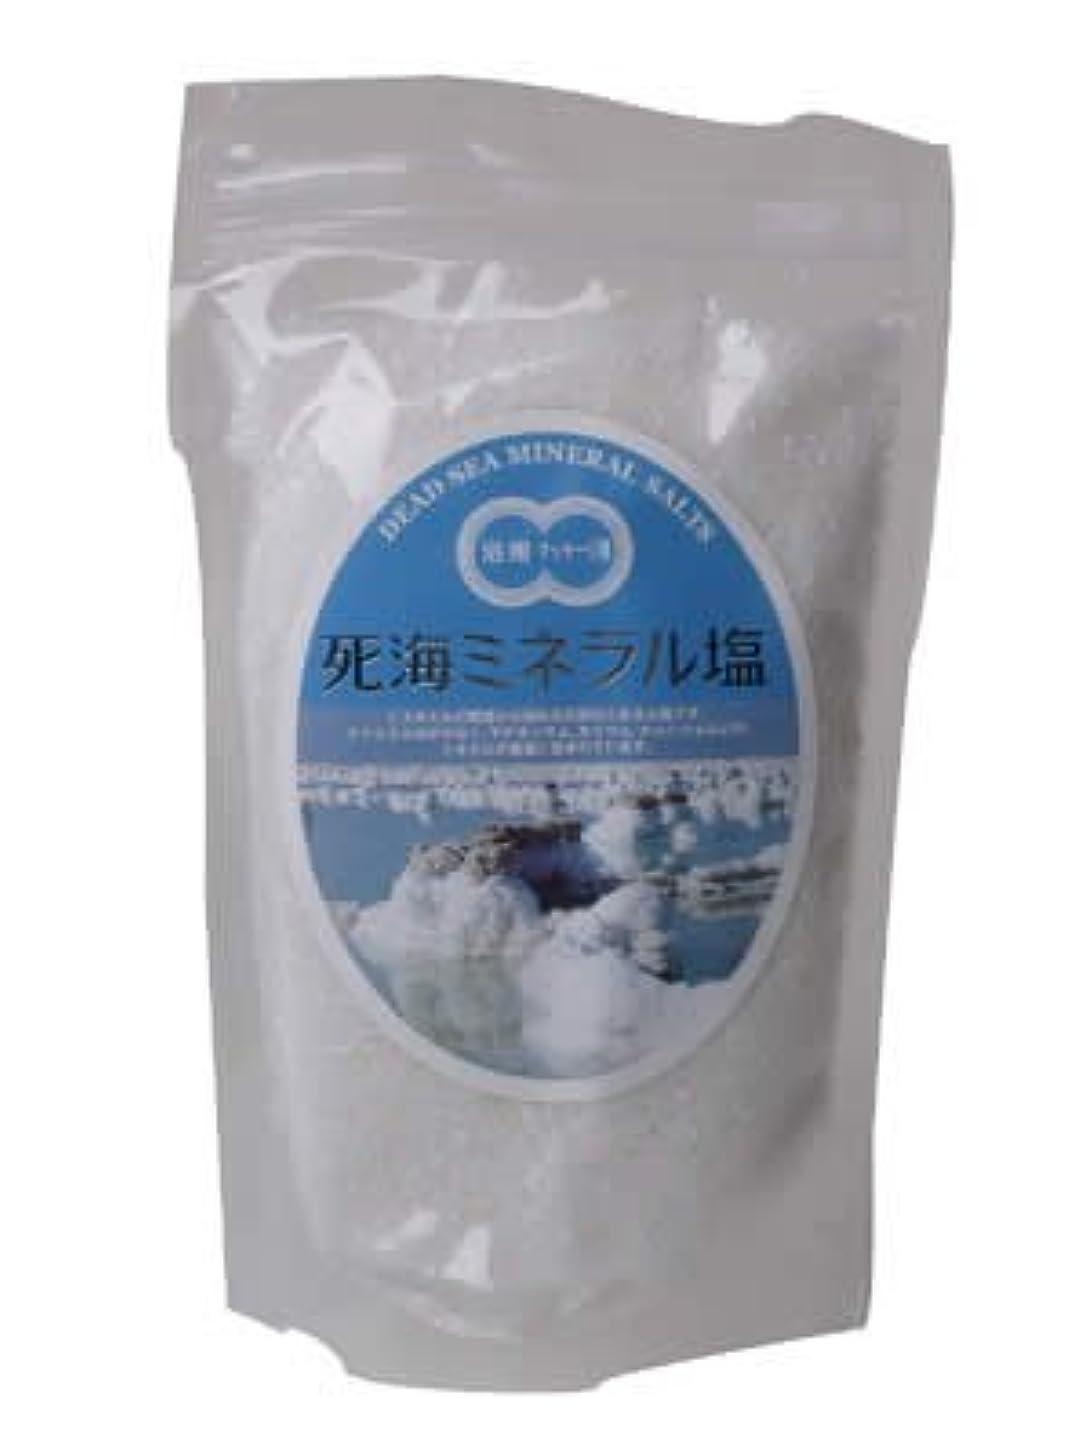 どこにでも破滅的な成熟死海ミネラル塩 500g